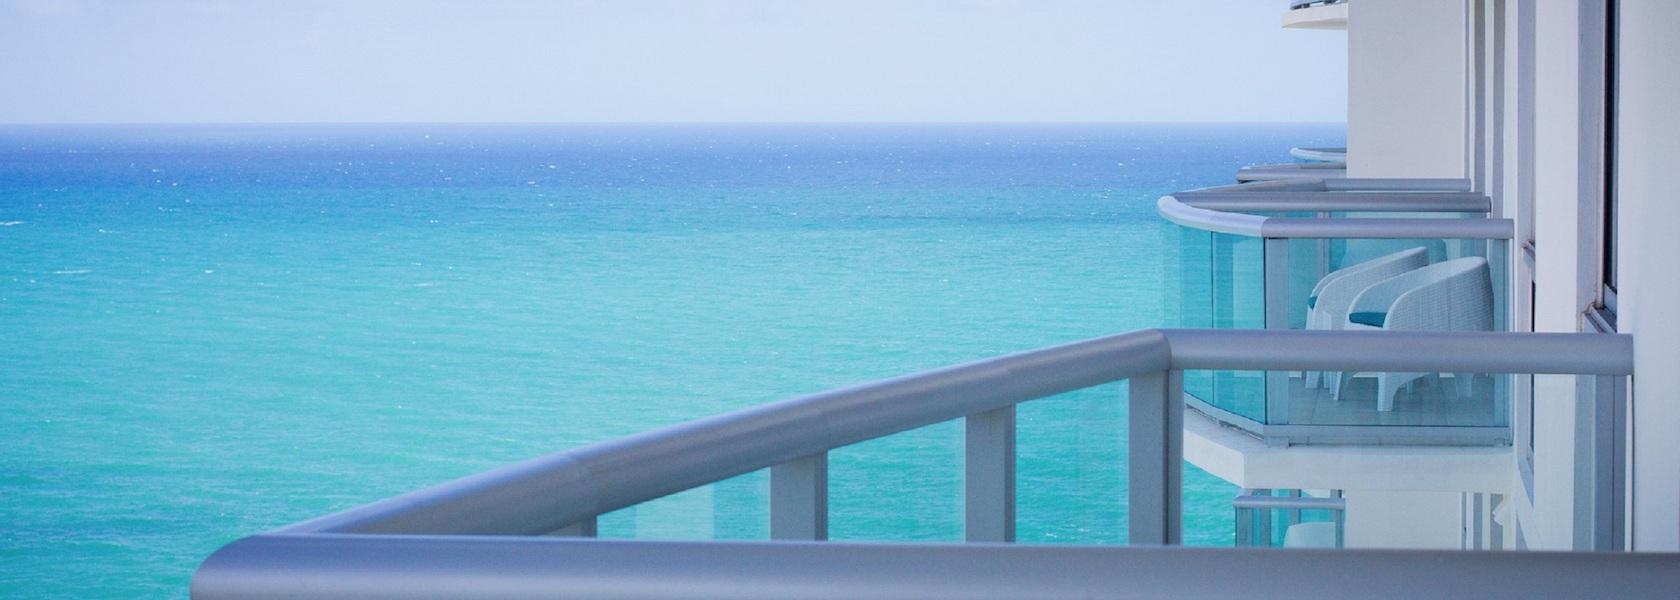 Balcony view from Marenas Beach Resort